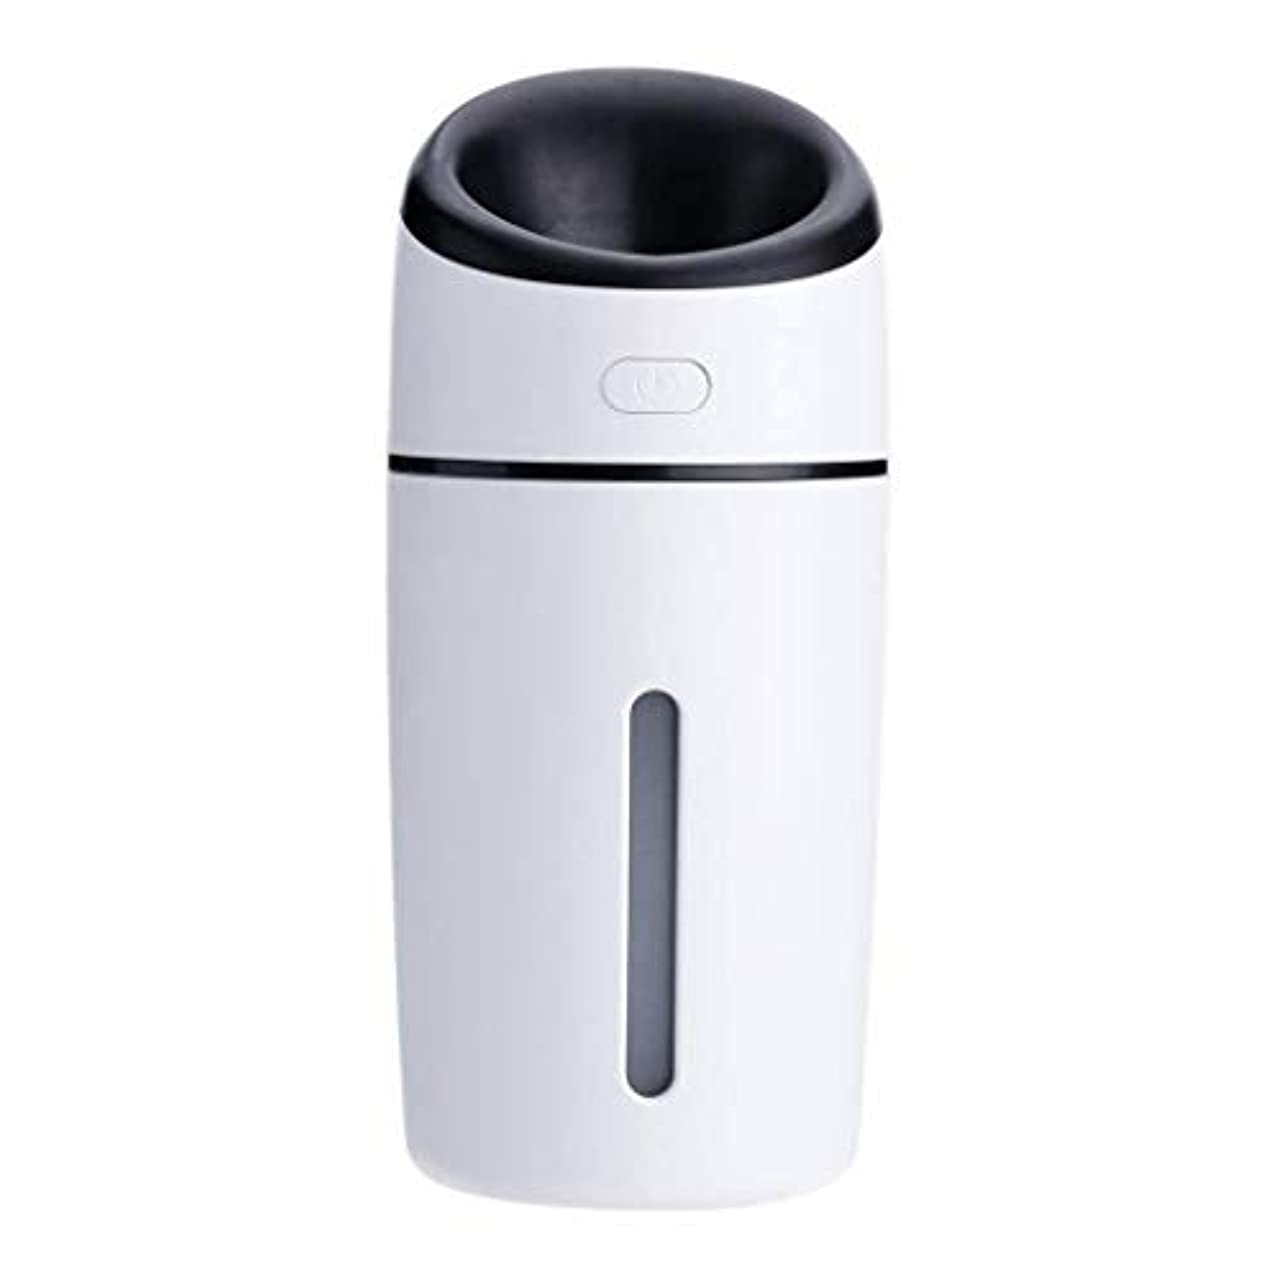 リーガン技術的な追加加湿器、超音波洗浄空気清浄機、7色LEDライト、無水自動アロマテラピーマシン、ホームオフィスの寝室の車 (Color : 黒)